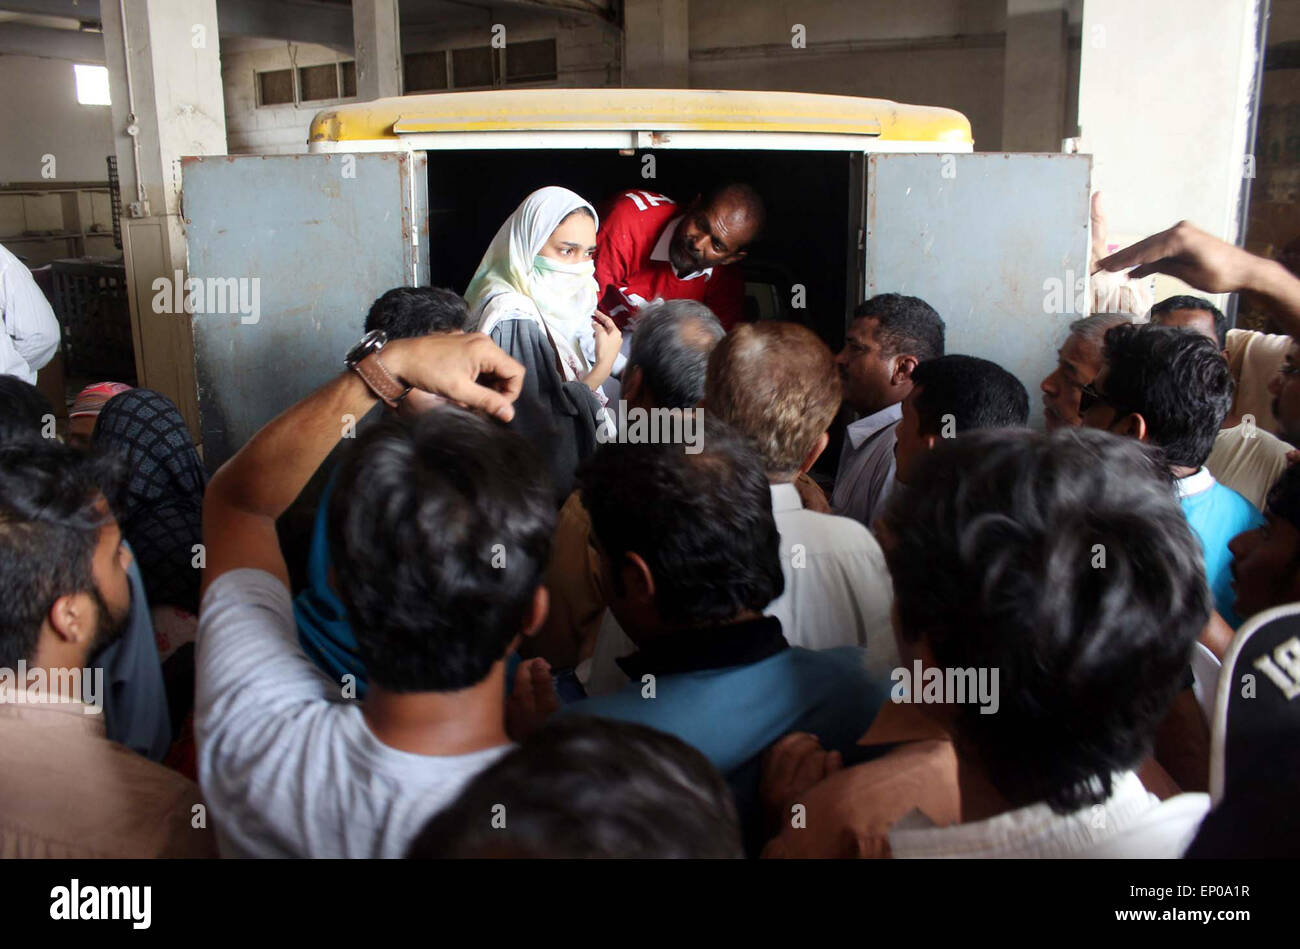 Oficiales de rescate shift cadáver de Ex Muttahida Qaumi Movement (MQM) activista Saulat Mirza en una ambulancia a un Edhi almacenaje frío que fue ahorcado en la prisión Mach el martes en triple asesinato fue declarado estar tranquilo y compuesto en la horca, en el Aeropuerto Internacional de Jinnah en Karachi el martes, 12 de mayo de 2015. Ex Muttahida Qaumi Movement (MQM) activista Saulat Mirza fue ejecutado hoy por la mañana a las 4:30 AM, por el asesinato del ex director gerente KESC Shahid Hamid, su chofer y guardia en 1997. Foto de stock